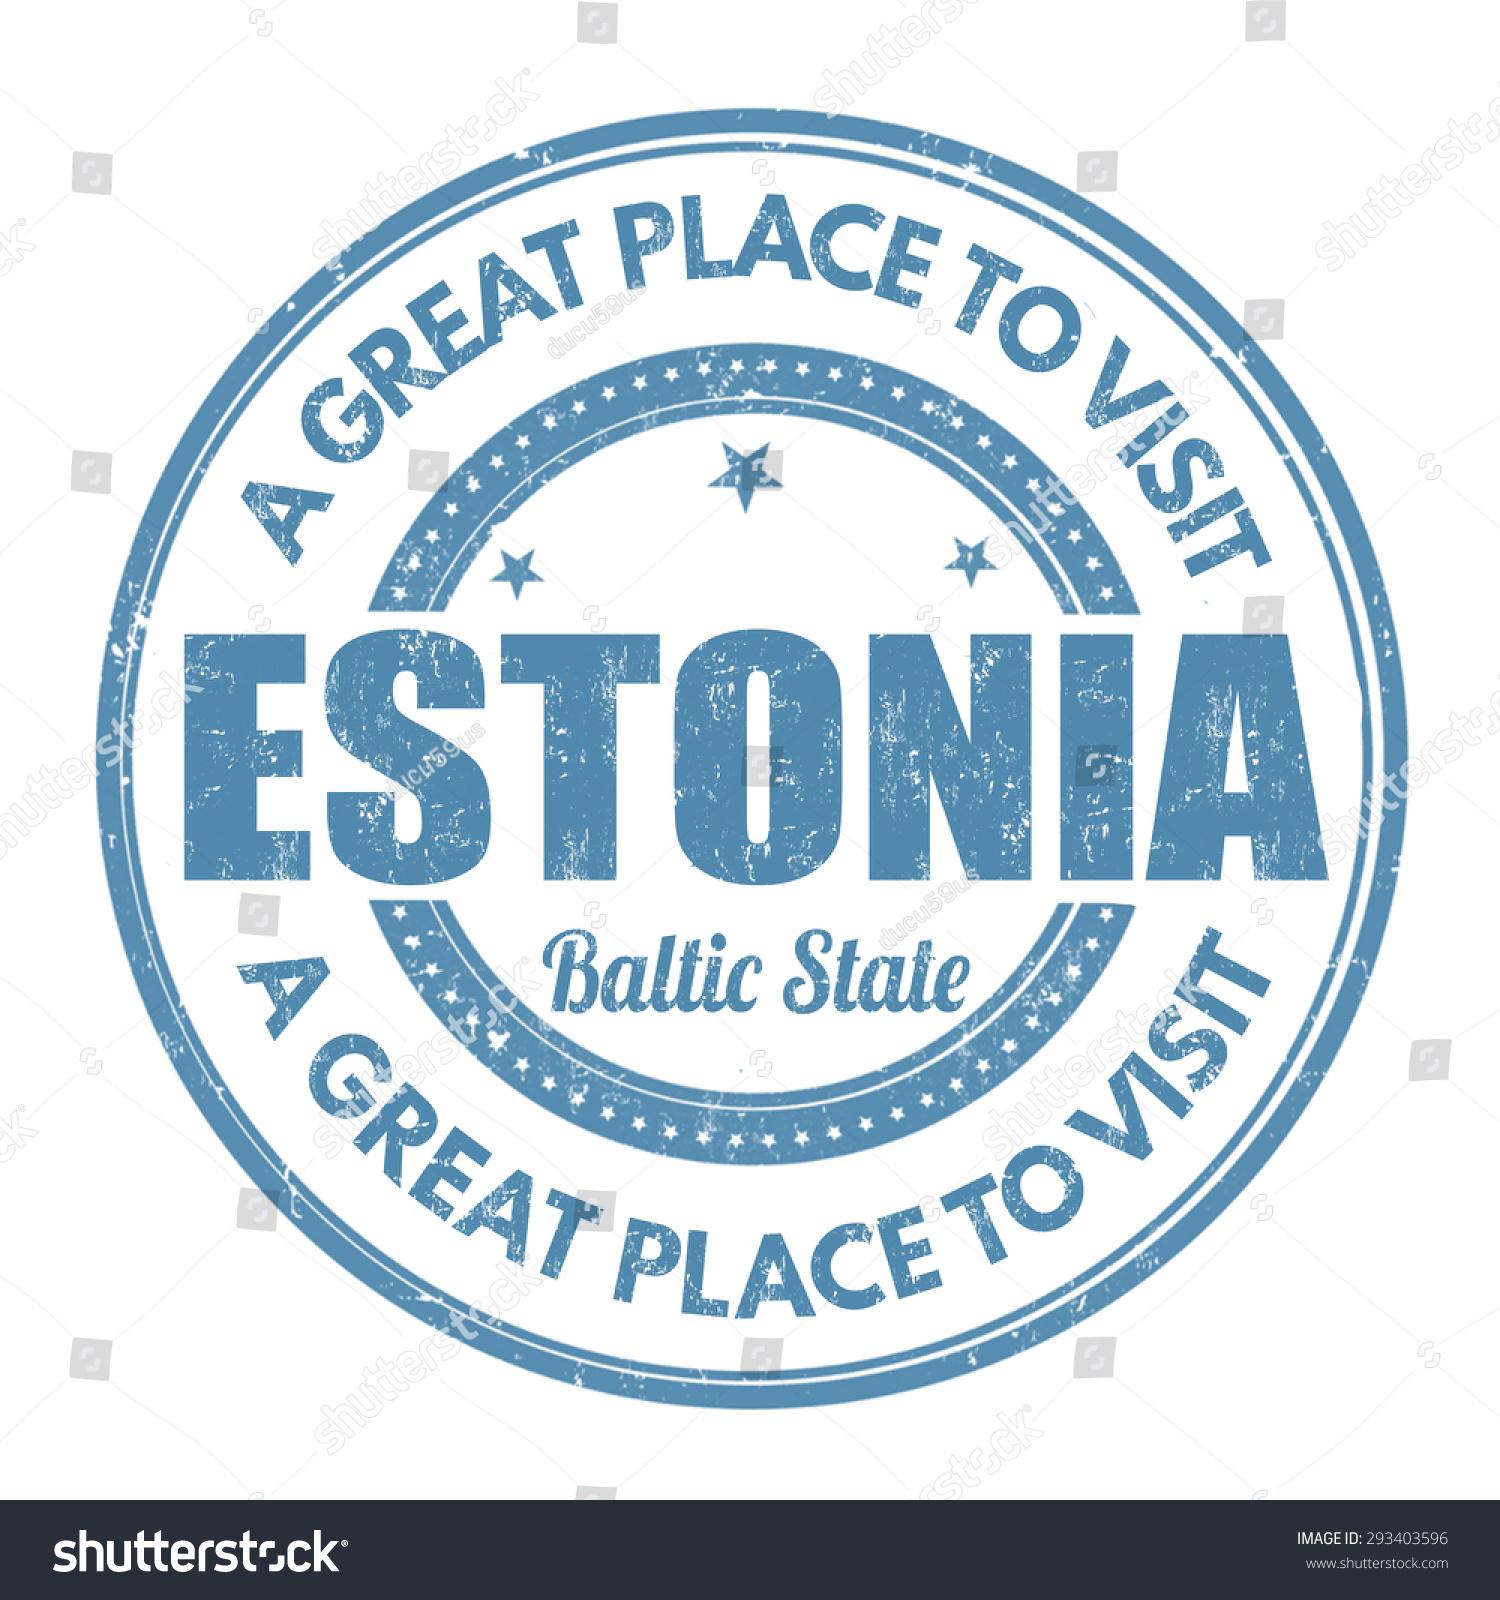 爱沙尼亚垃圾橡皮图章在白色背景矢量图-建筑物/地标